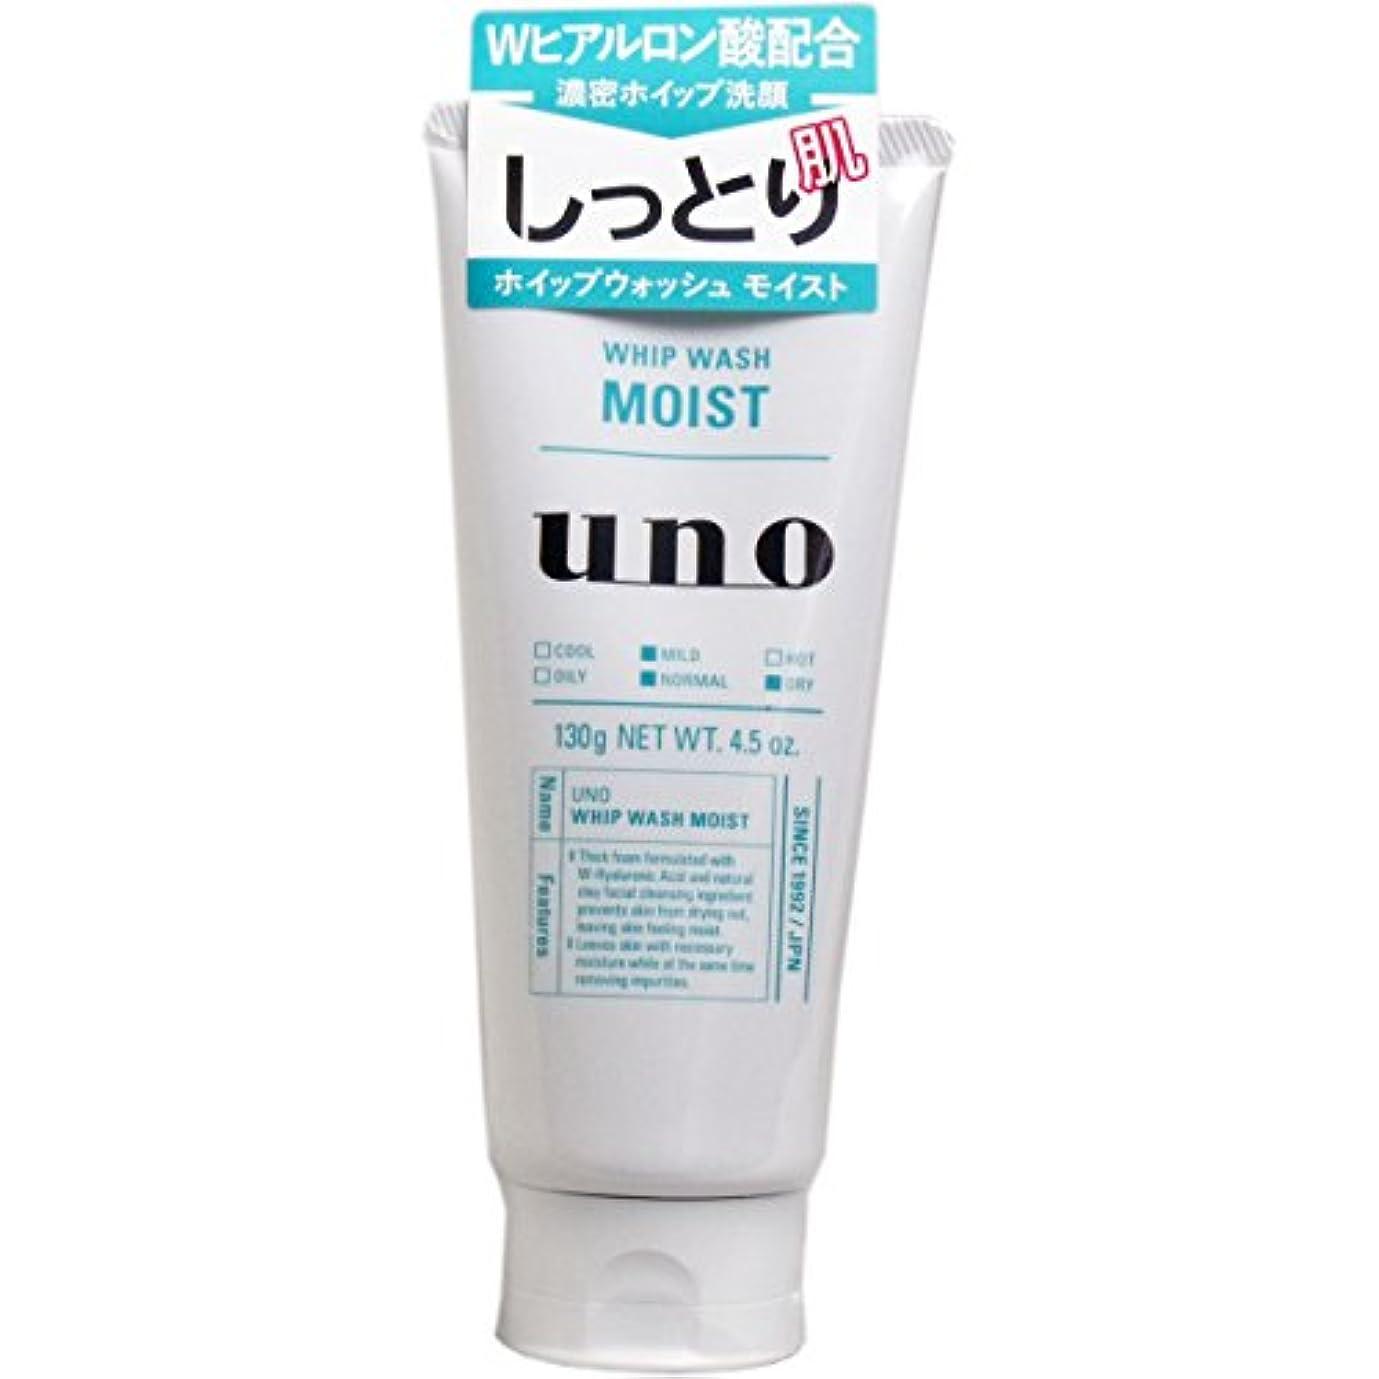 【資生堂】ウーノ(uno) ホイップウォッシュ (モイスト) 130g ×2個セット